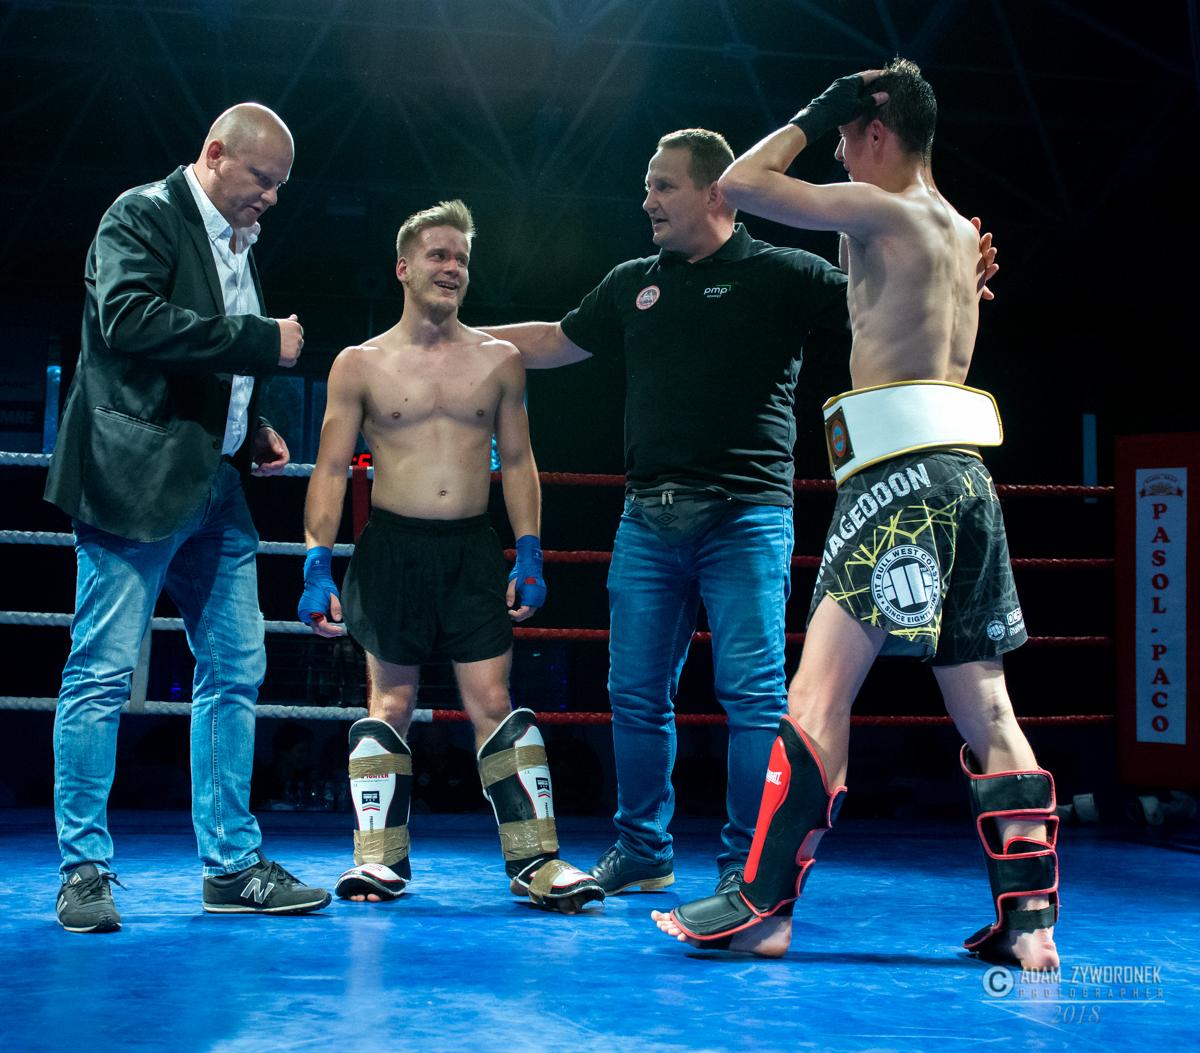 Walka o Mistrza Polski –  pas Wfmc Pro-Am na zasadach K1 w kategorii wagowej -57 kg Patryk Świątek vs Piotr Tesarski